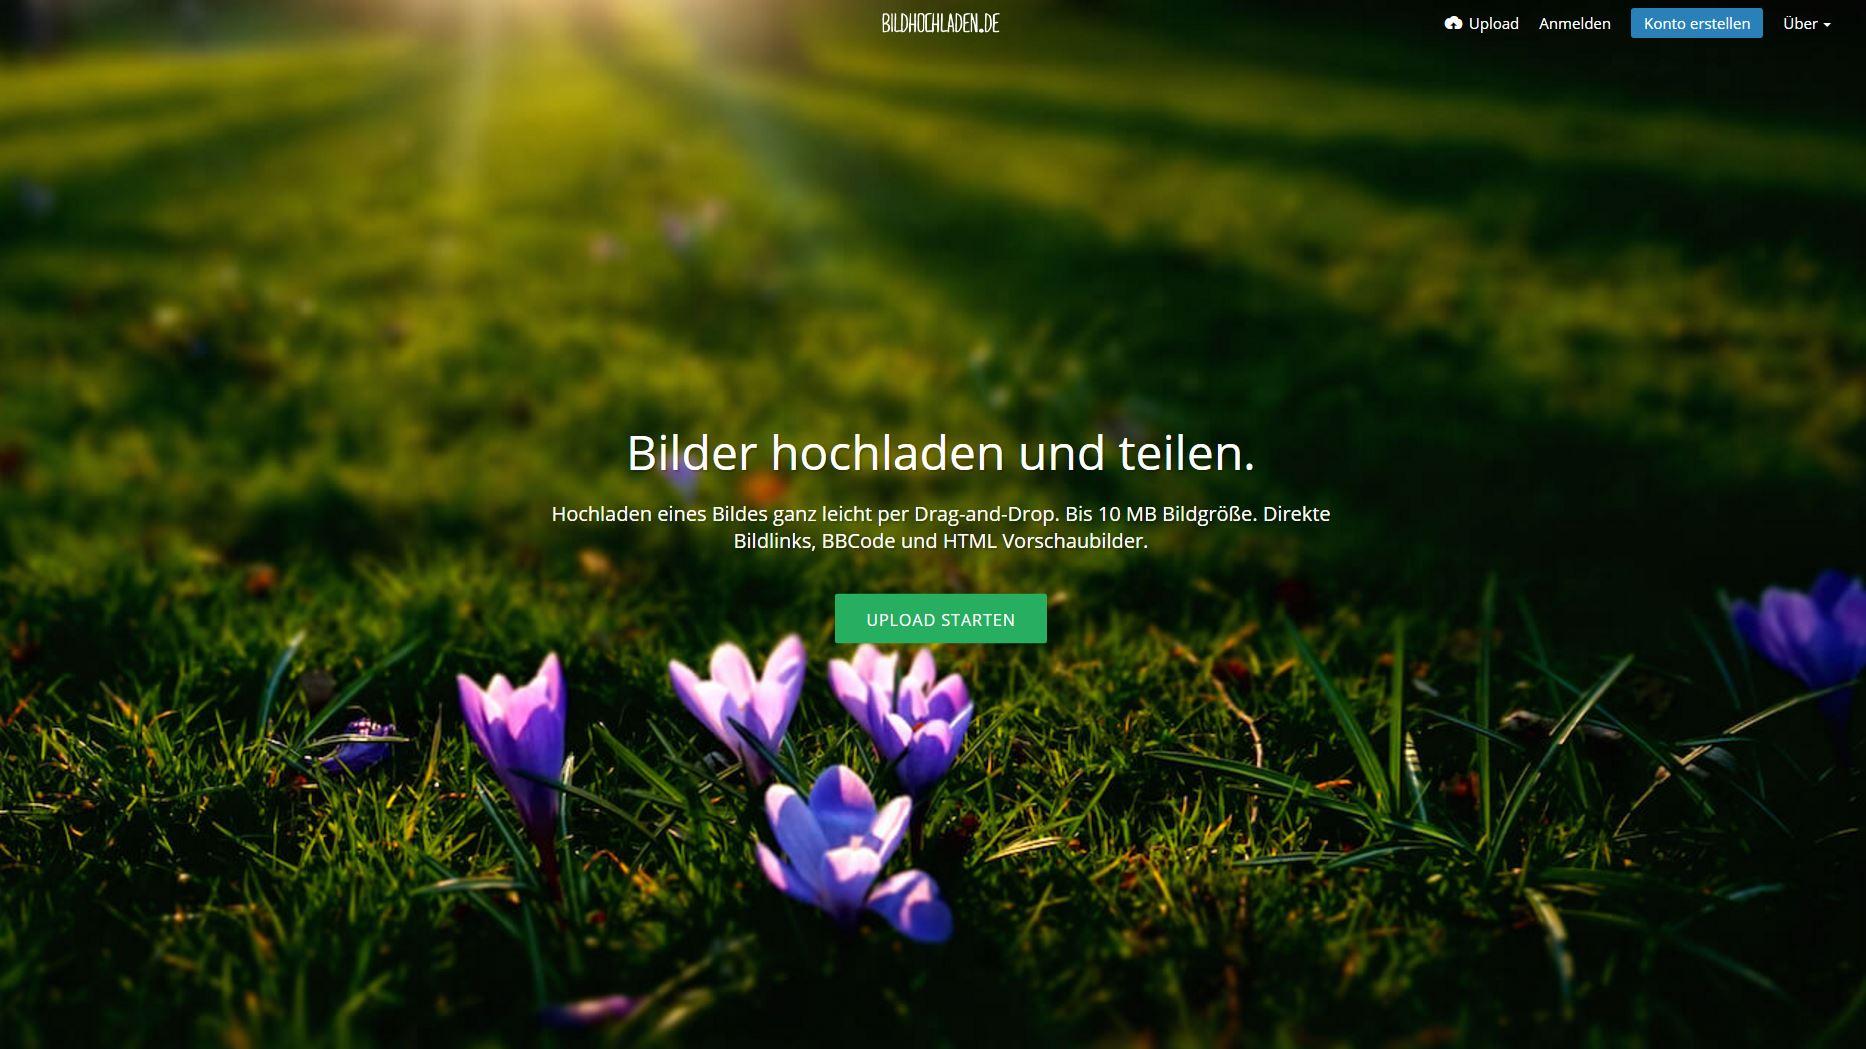 Kostenloses Bilder Hosting Bildercachede